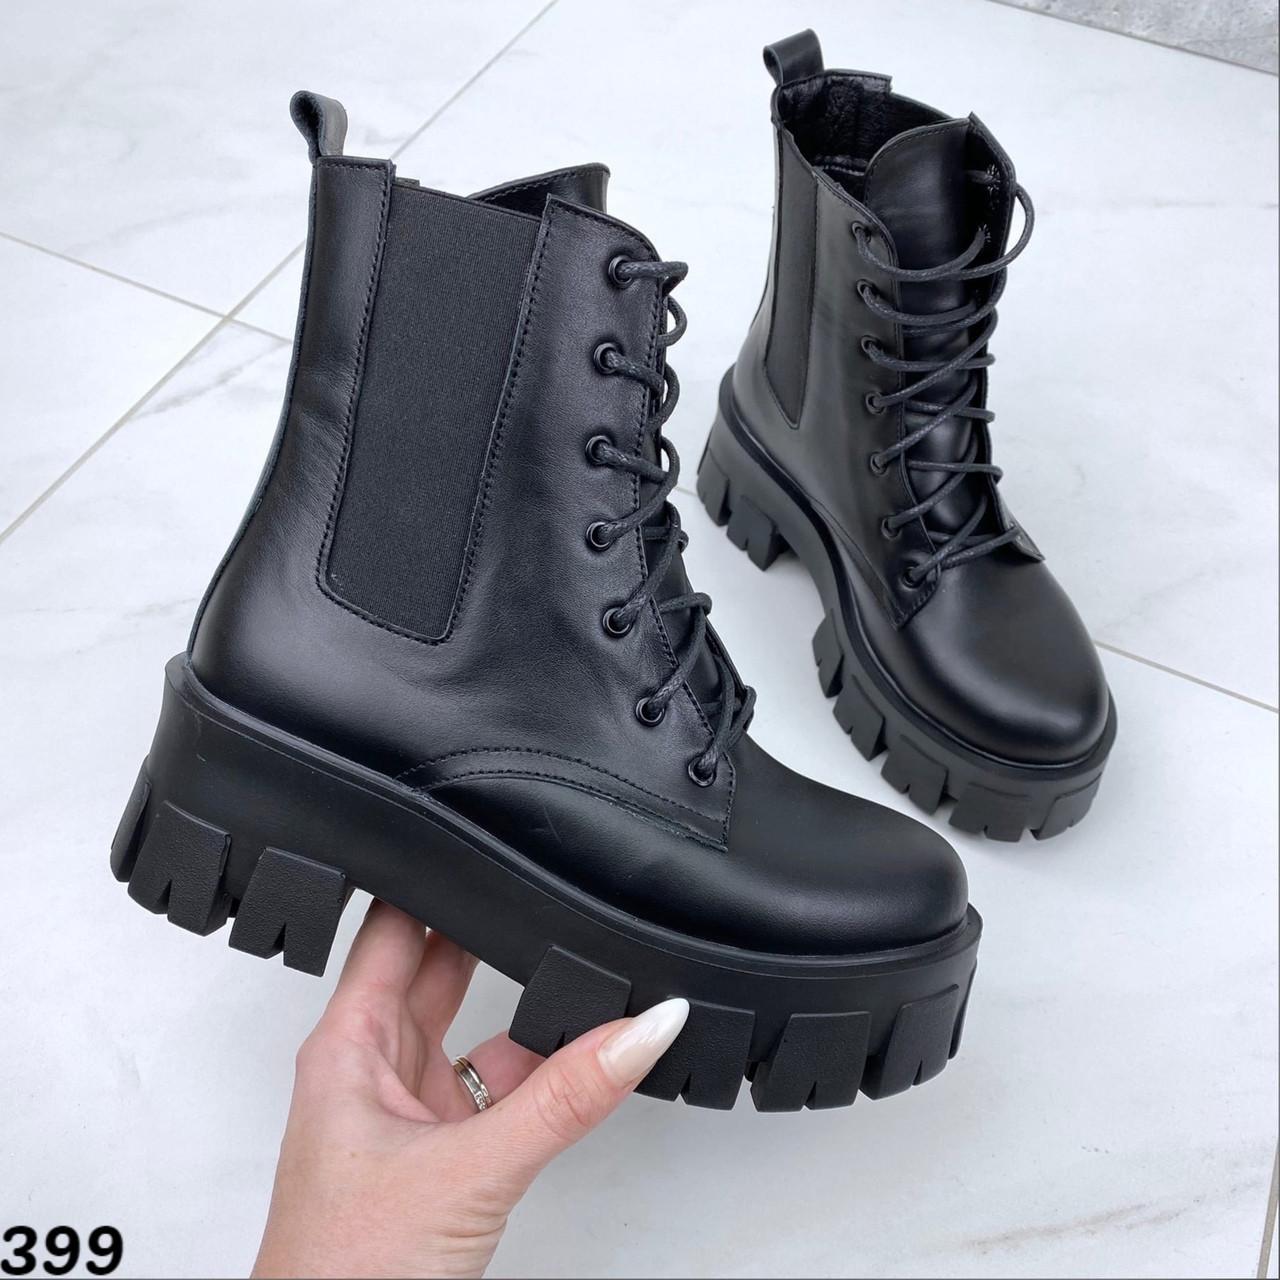 Ботинки женские кожаные черные шнуровка и резинка